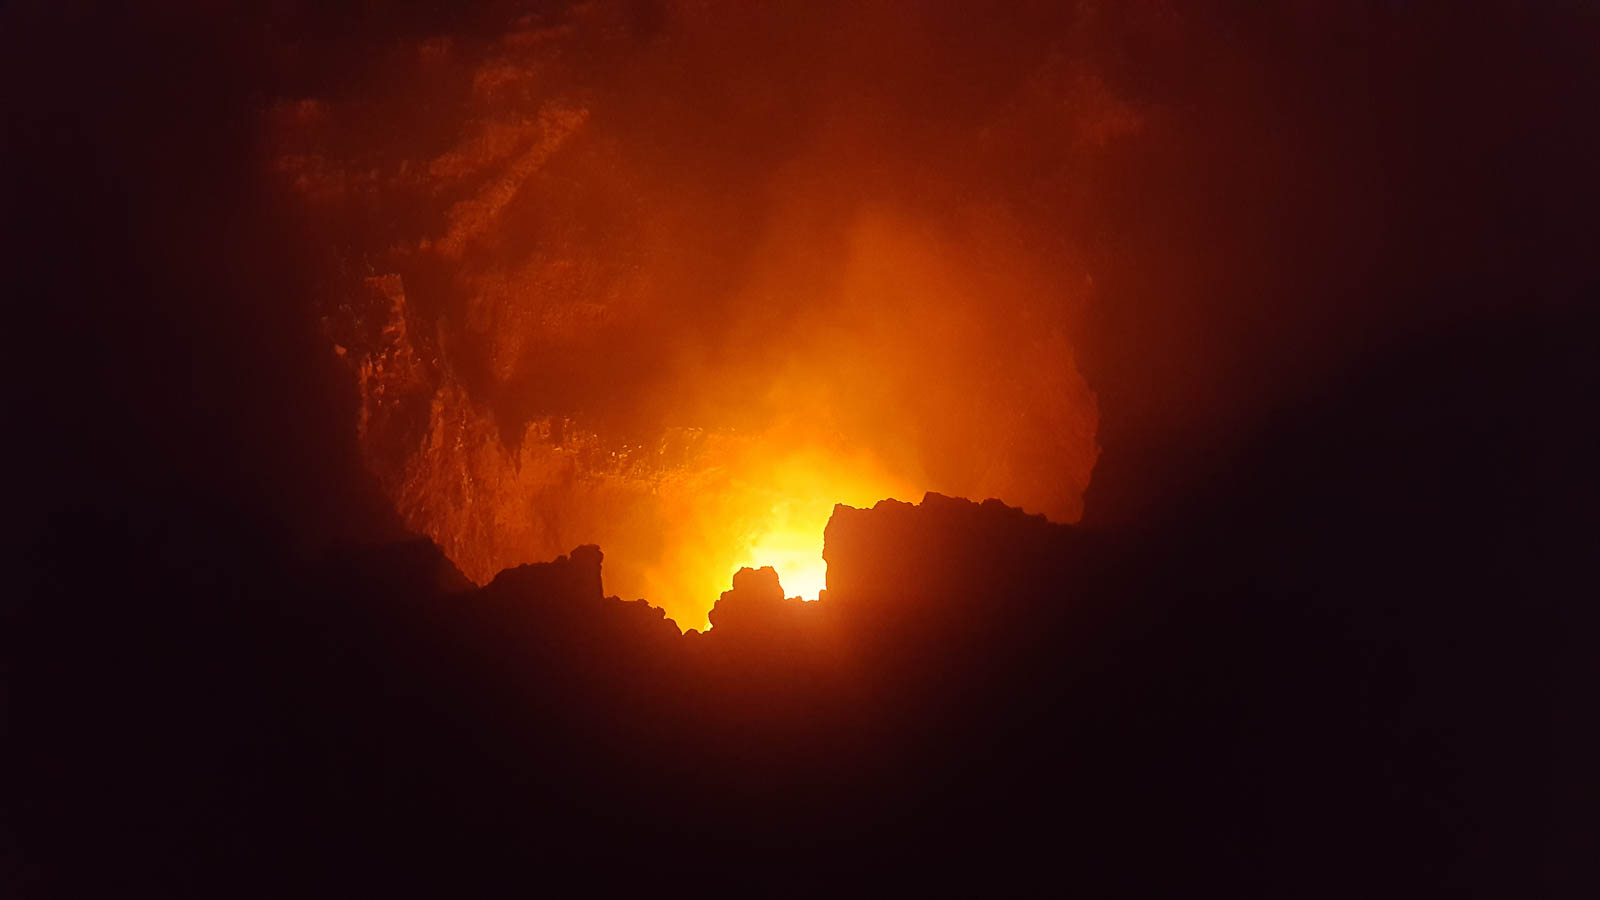 Massaya Volcano in Nicaragua (by Koen Blanquart)